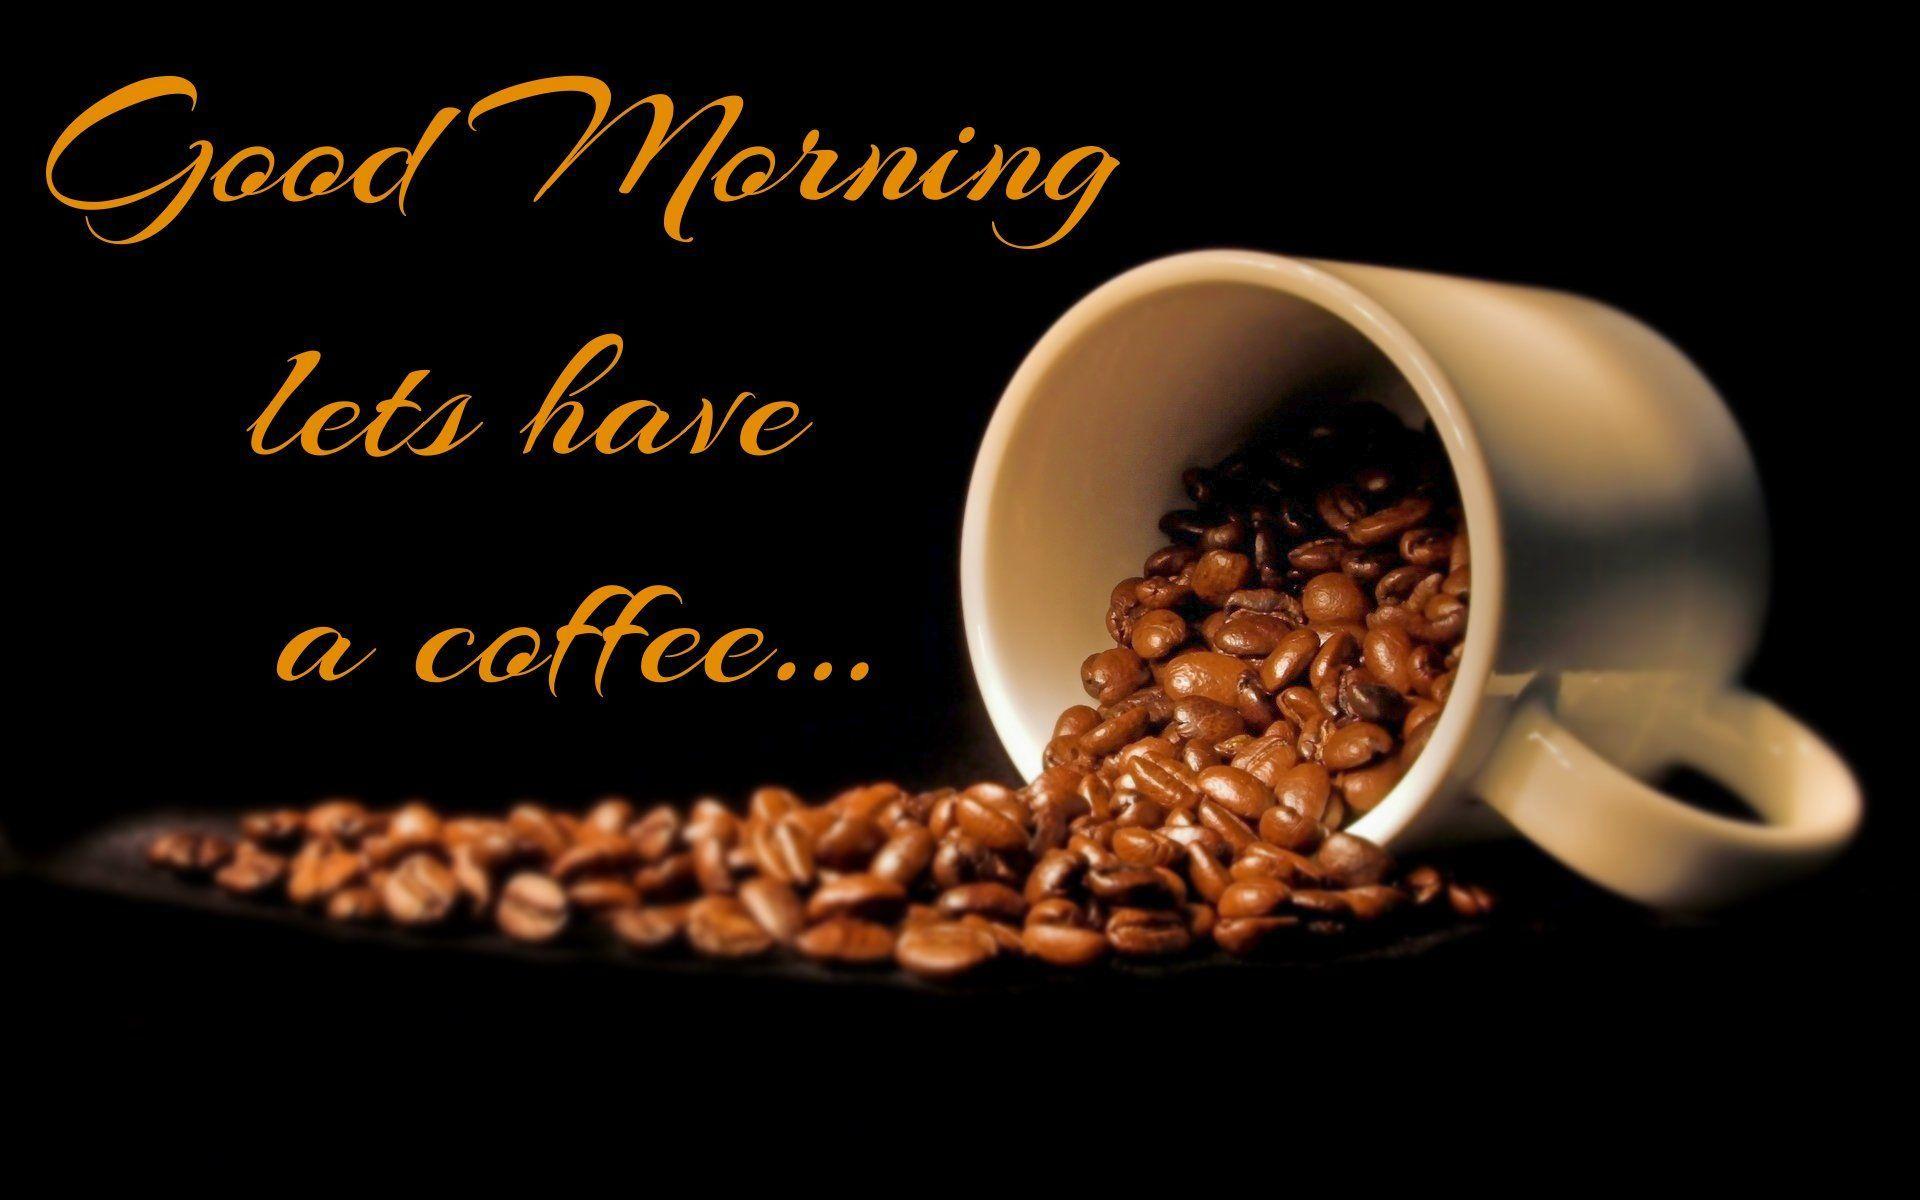 1920x1200 Tải xuống Chào buổi sáng với hình nền cà phê